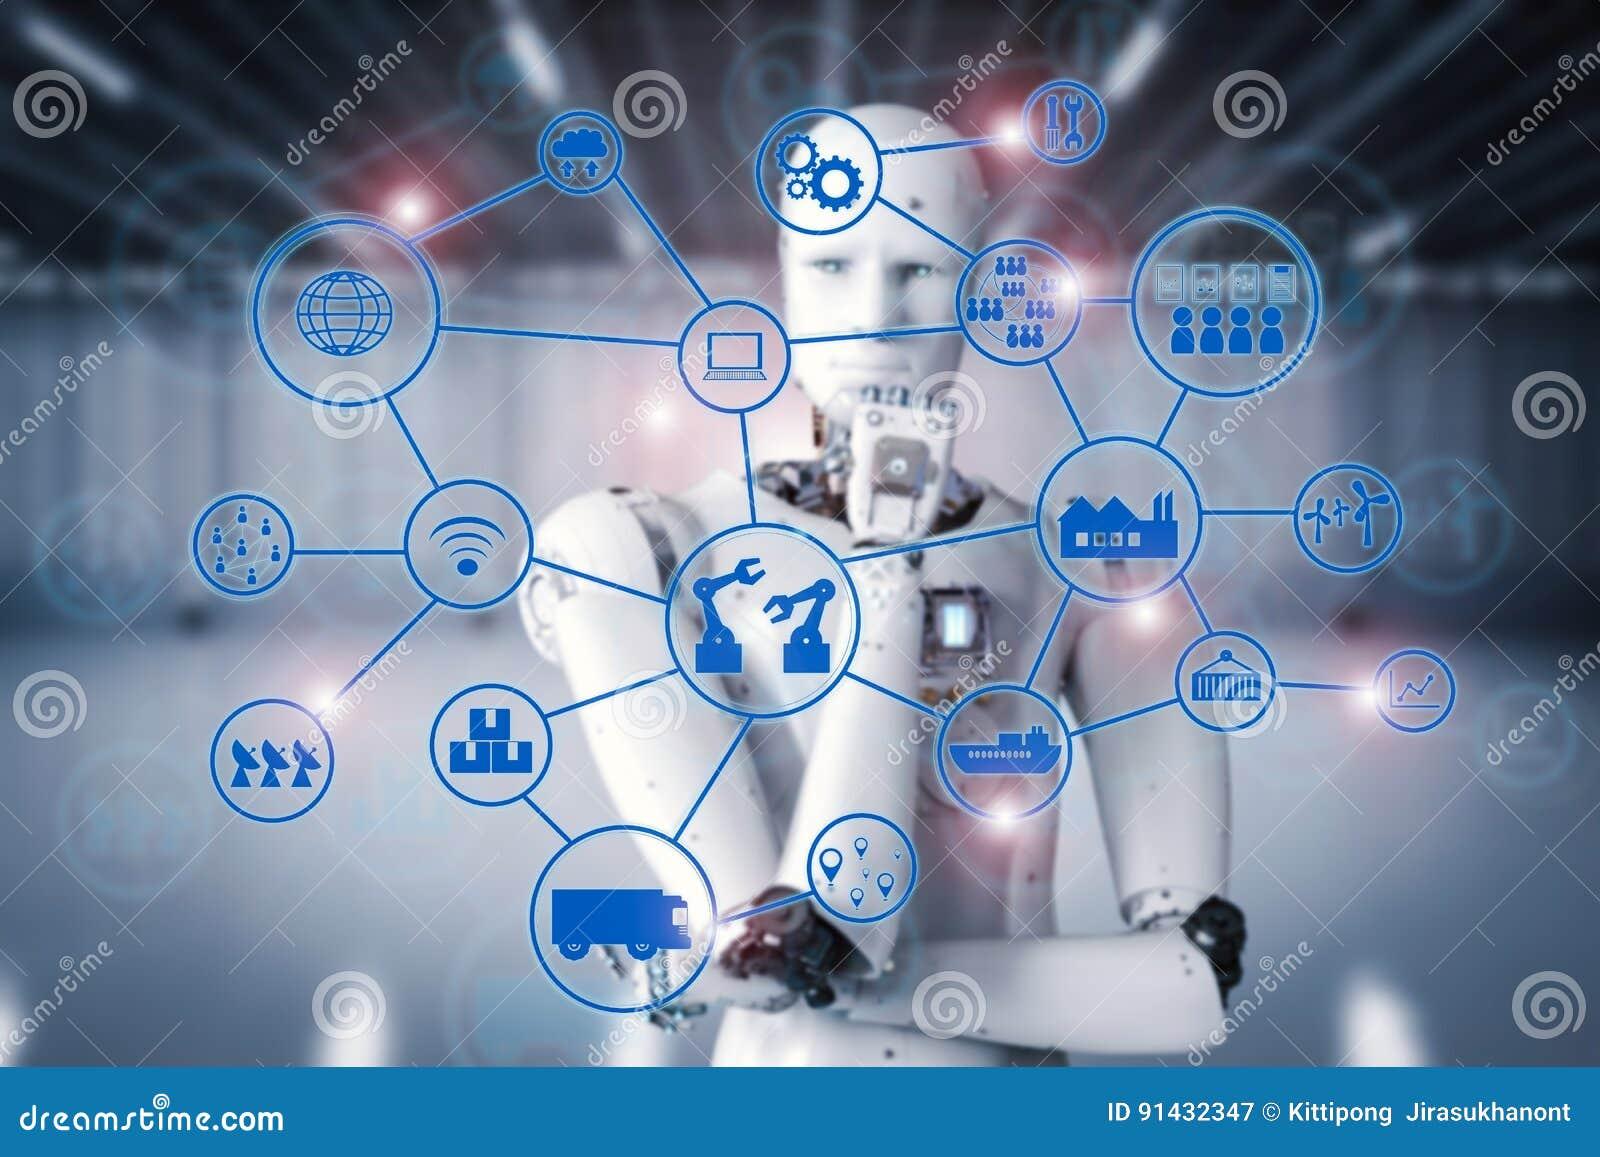 Robot di Android con la rete industriale